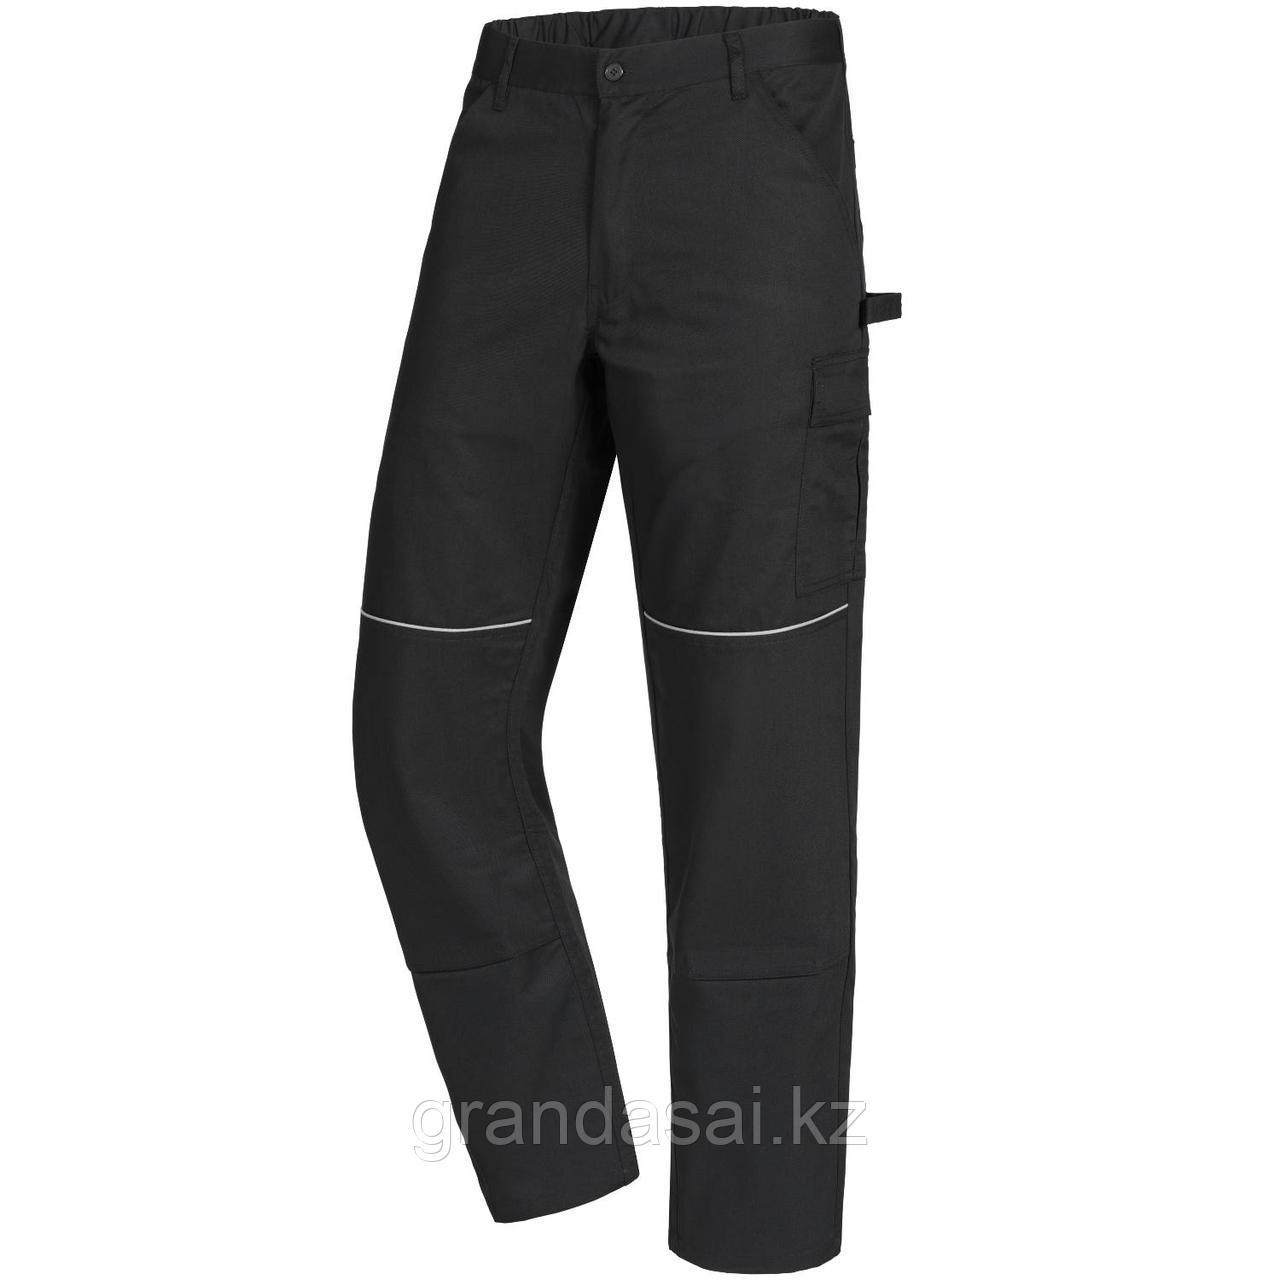 Рабочие брюки NITRAS 7510 MOTION TEX LIGHT